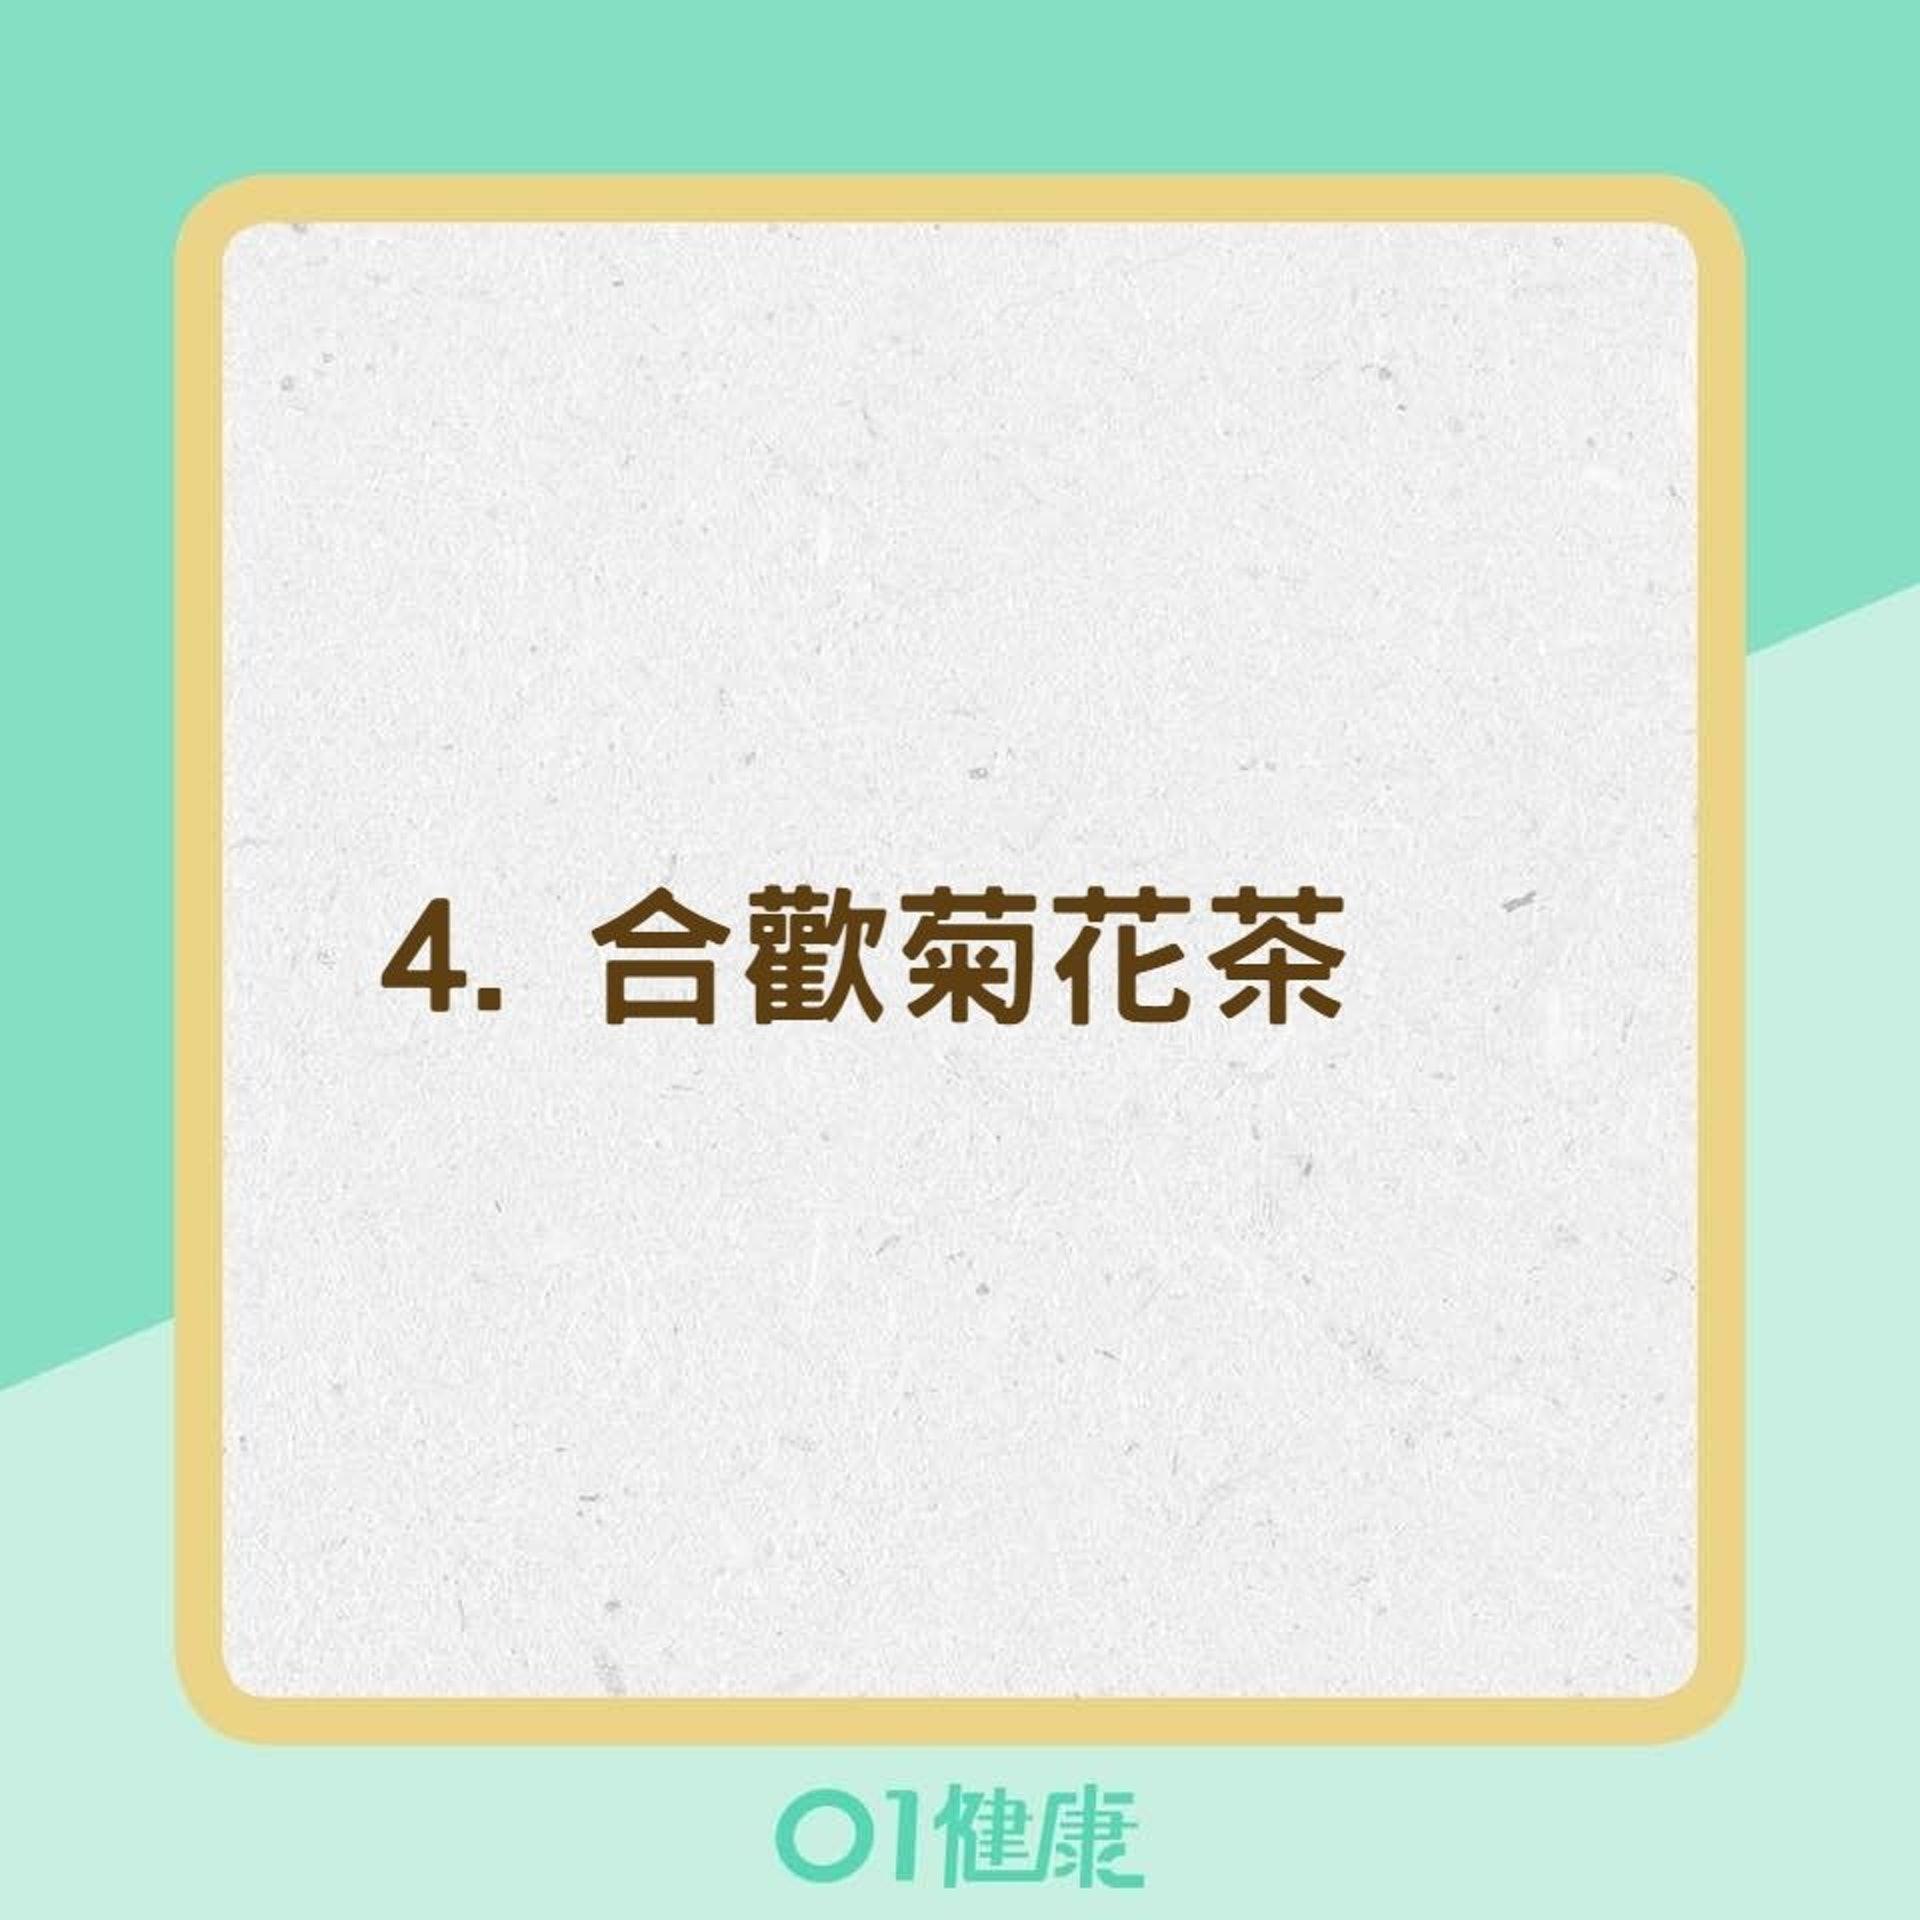 4種有助眠作用的飲品(01製圖)